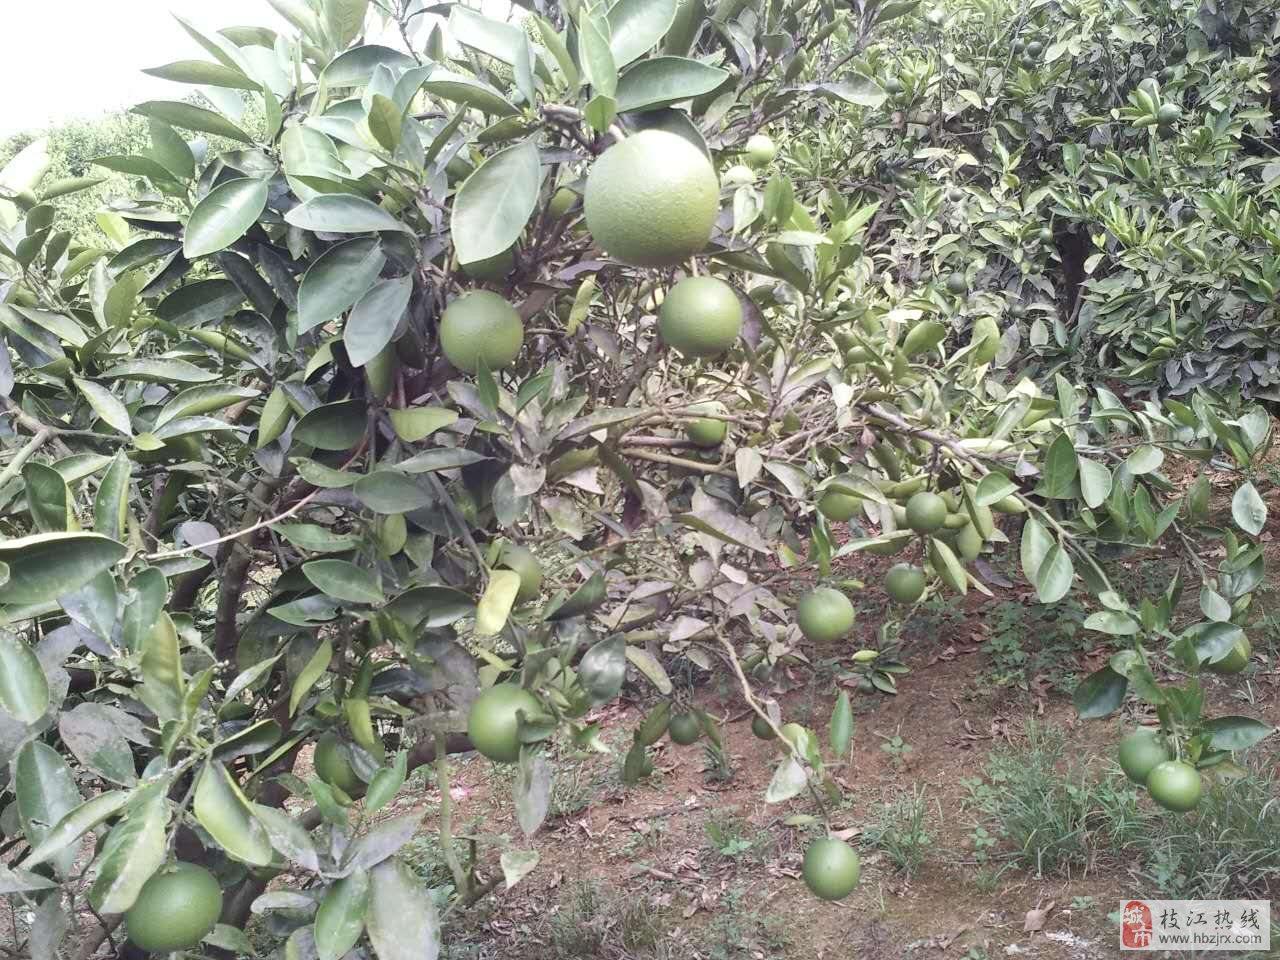 出售枝江仙女20亩柑橘示范园+楼房住宅一套